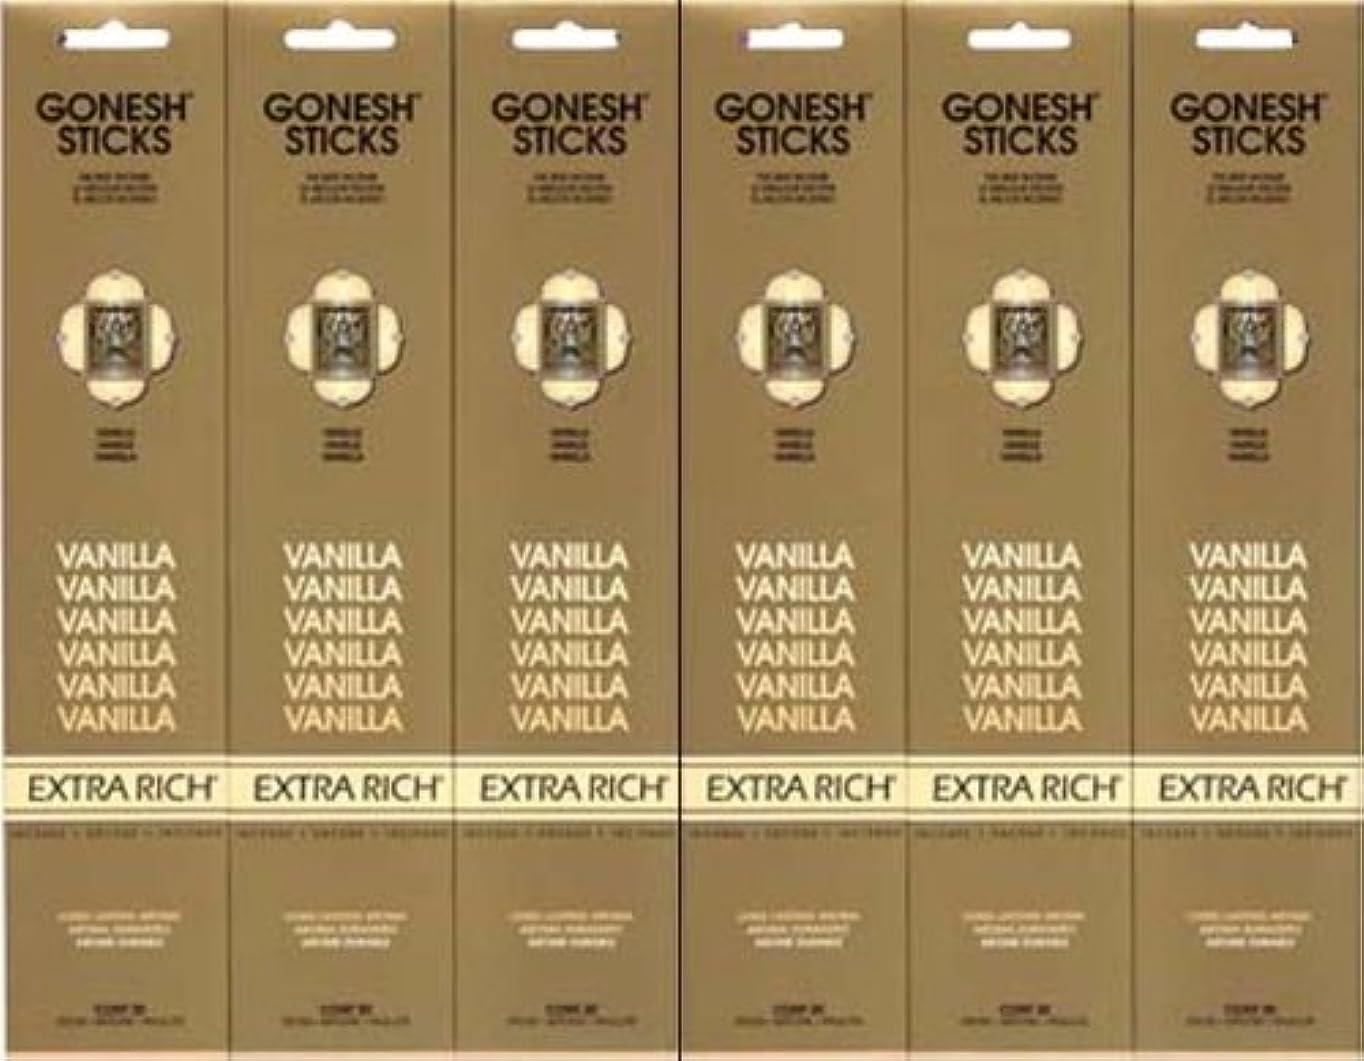 ブル石ライオネルグリーンストリートGONESH  VANILLA バニラ  20本入り X 6パック (120本)